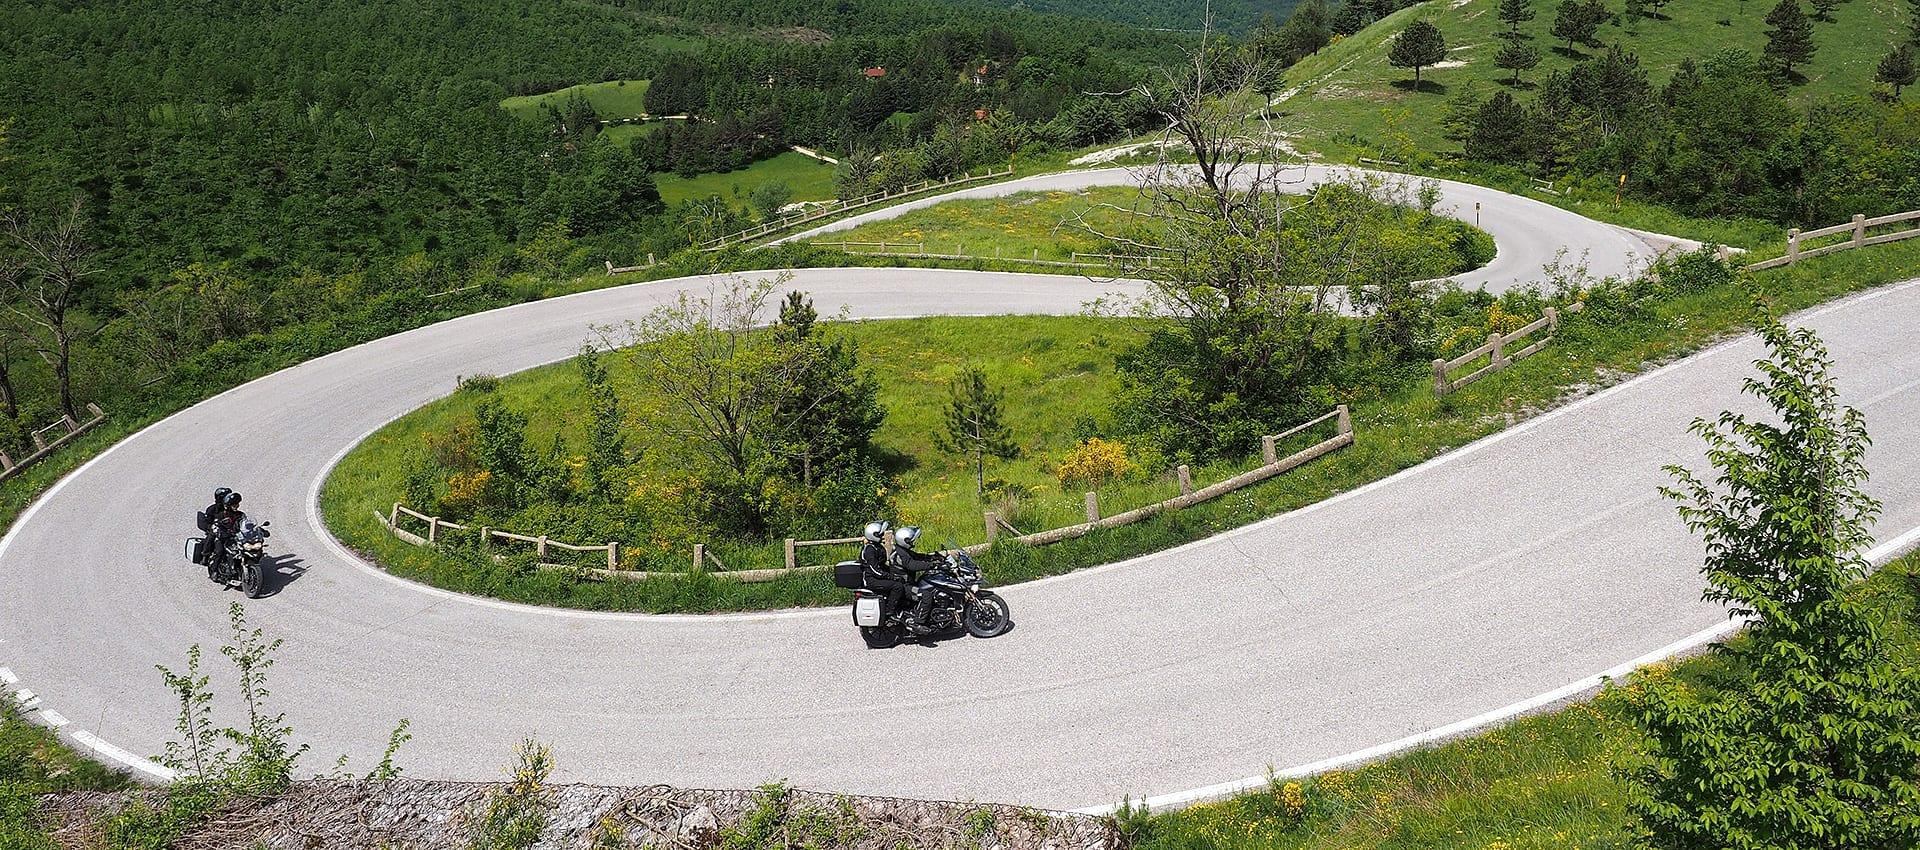 populaire motorreizen italie vaak geboekt in 2022